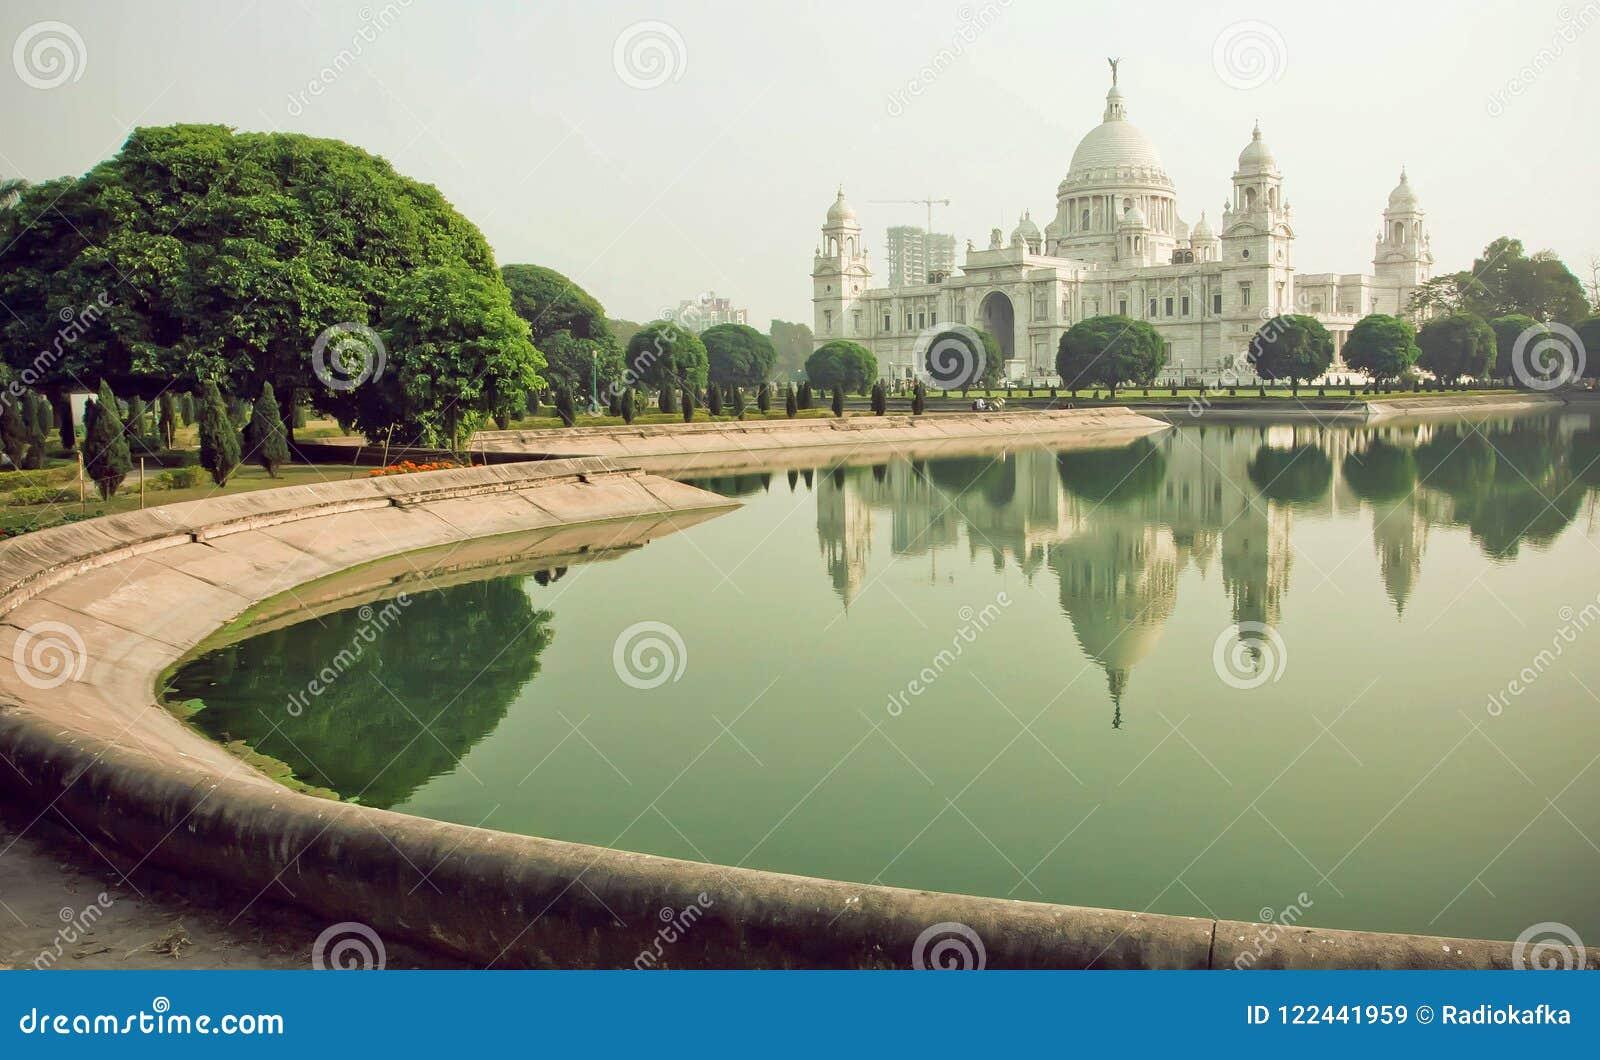 Πάρκο γύρω από την αναμνηστική αίθουσα Βικτώριας σε Kolkata Νερό στη λίμνη κοντά στο αναμνηστικό, ιστορικό παλάτι στην Ινδία